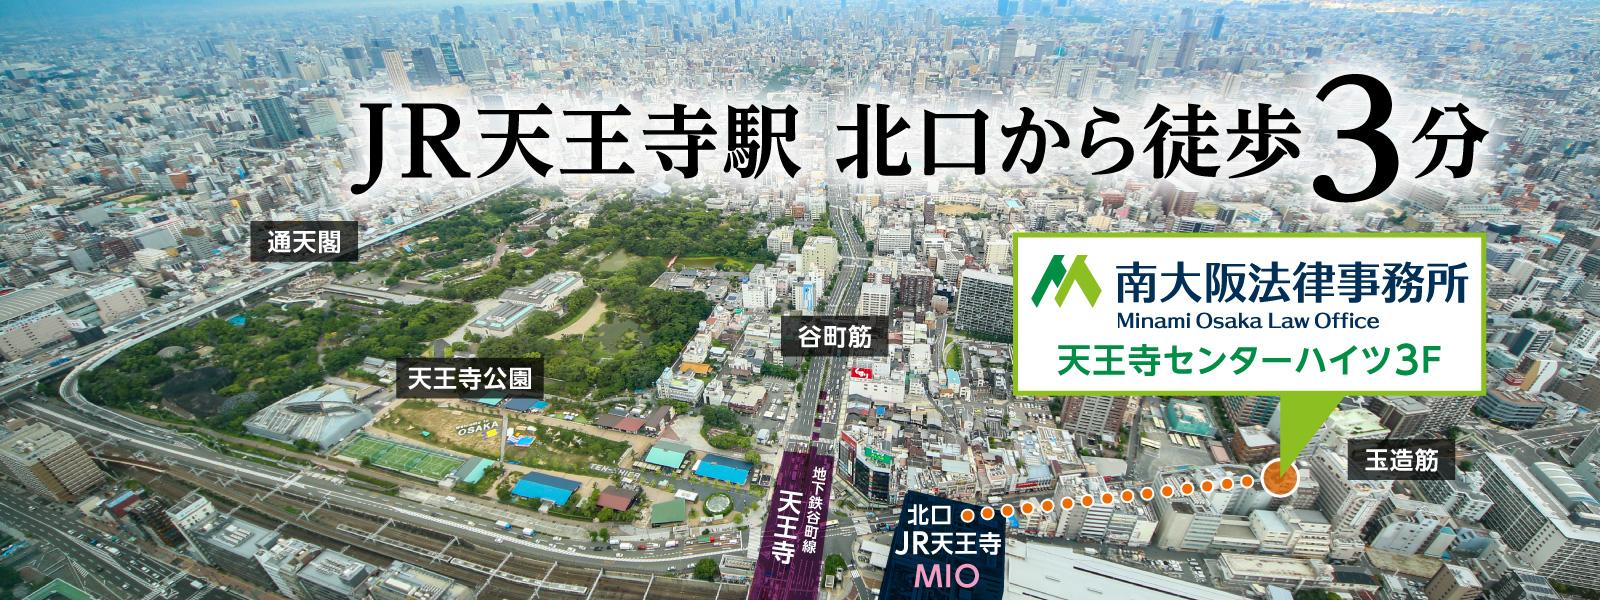 JR天王寺駅北口から徒歩3分の南大阪法律事務所